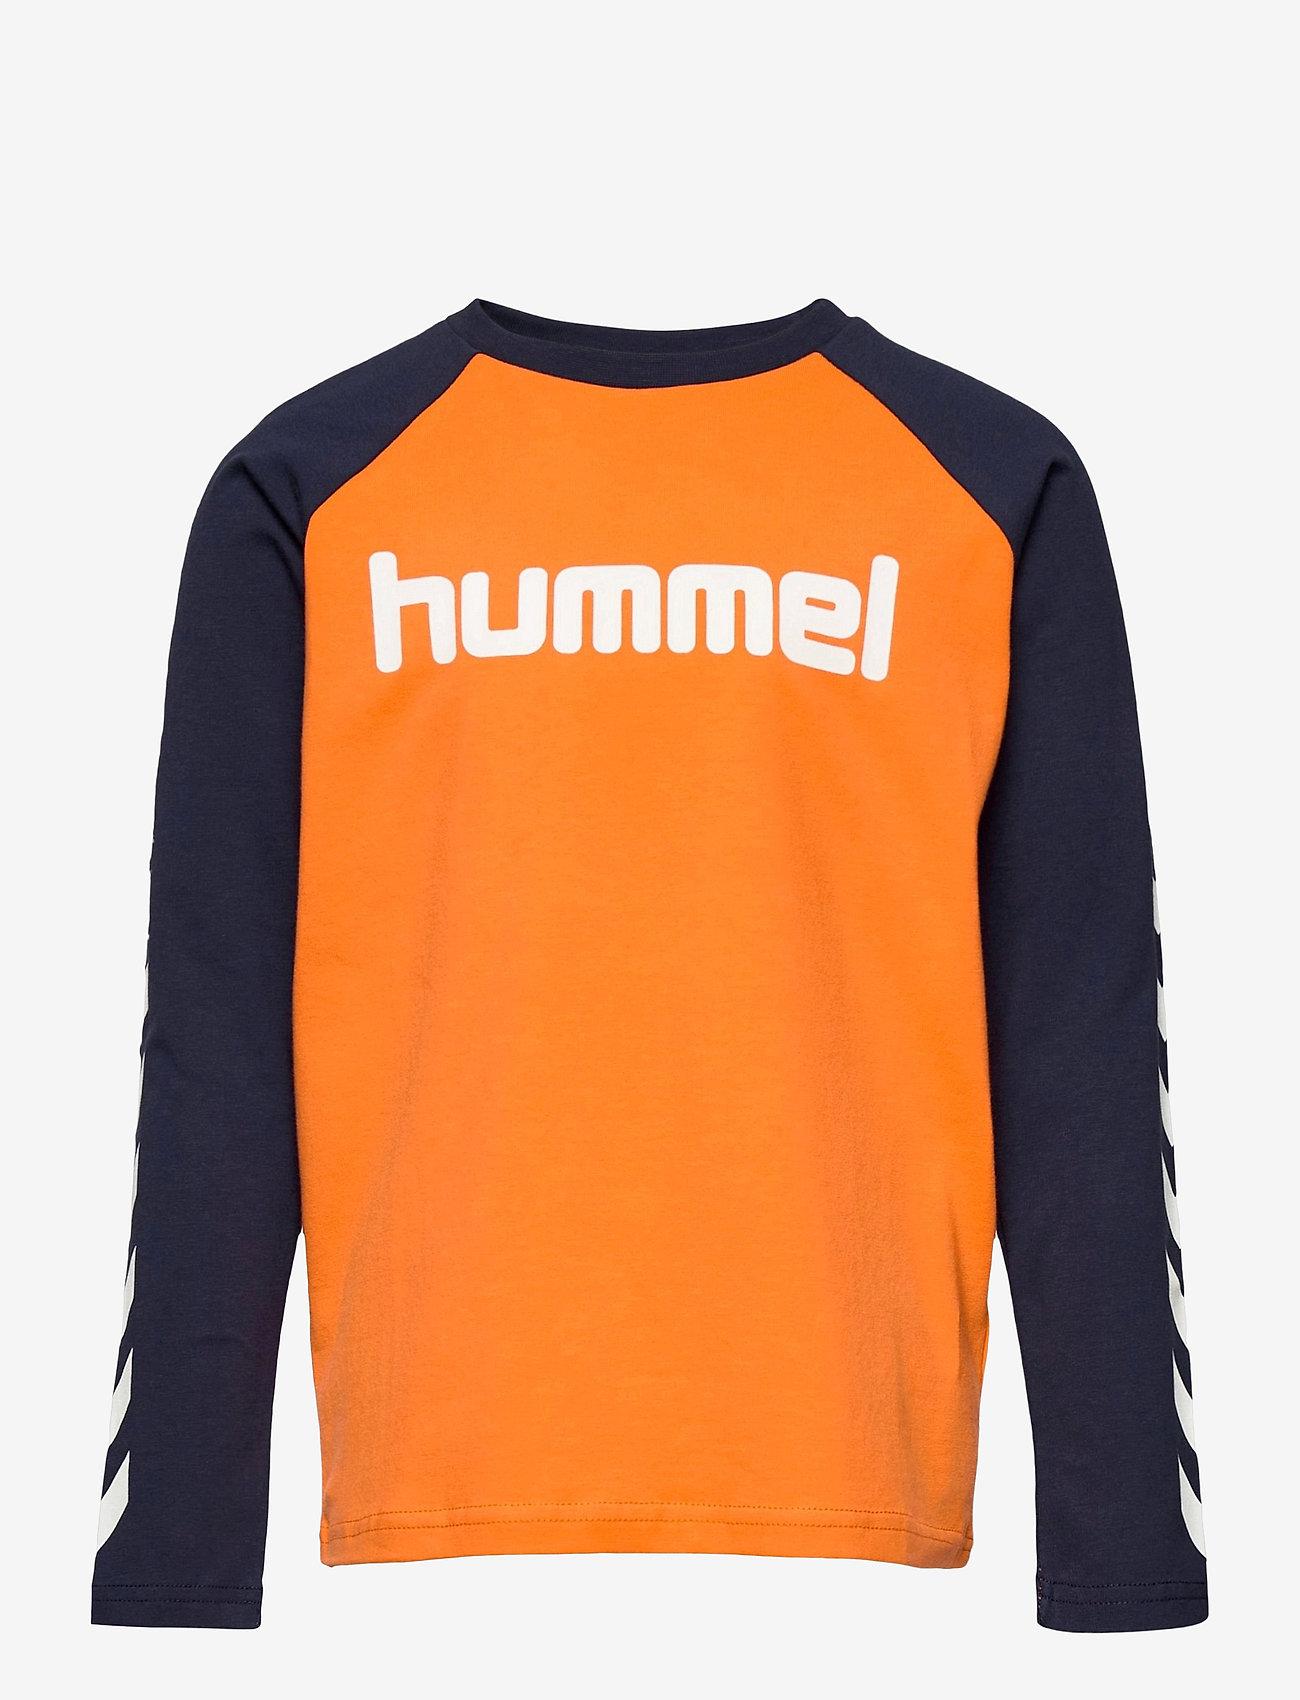 Hummel - hmlBOYS T-SHIRT L/S - long-sleeved t-shirts - carrot - 0